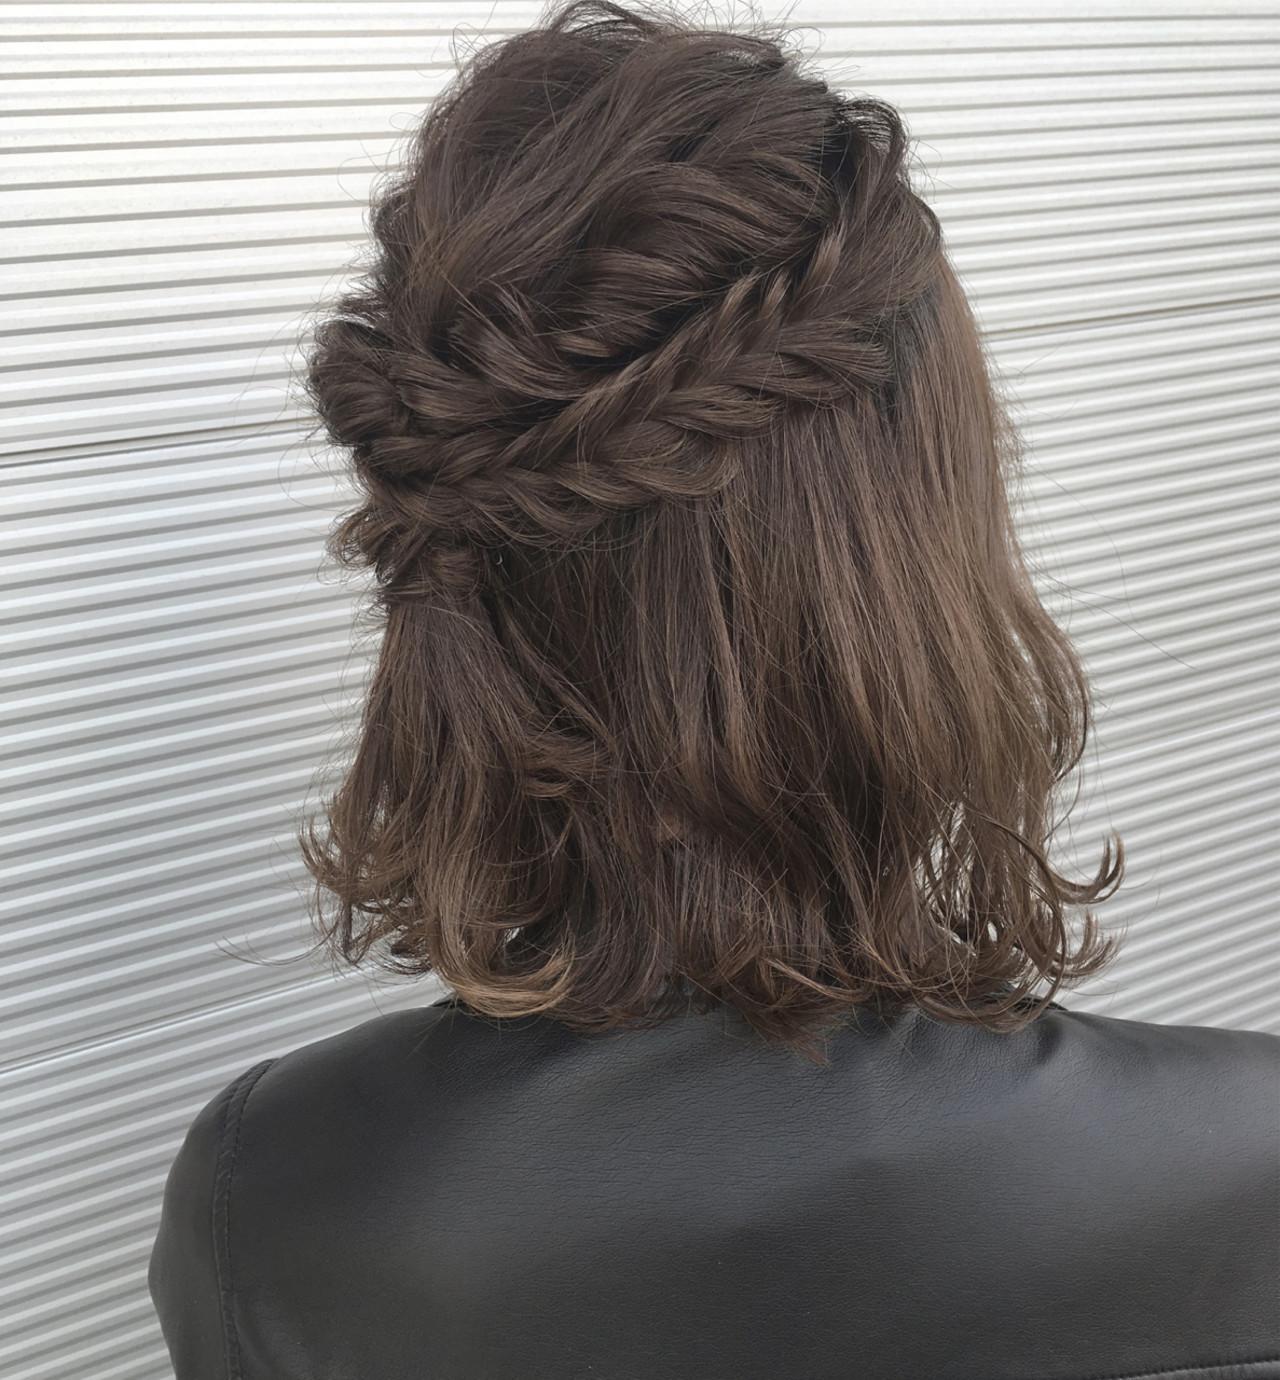 フィッシュボーン ナチュラル 編み込み ボブ ヘアスタイルや髪型の写真・画像